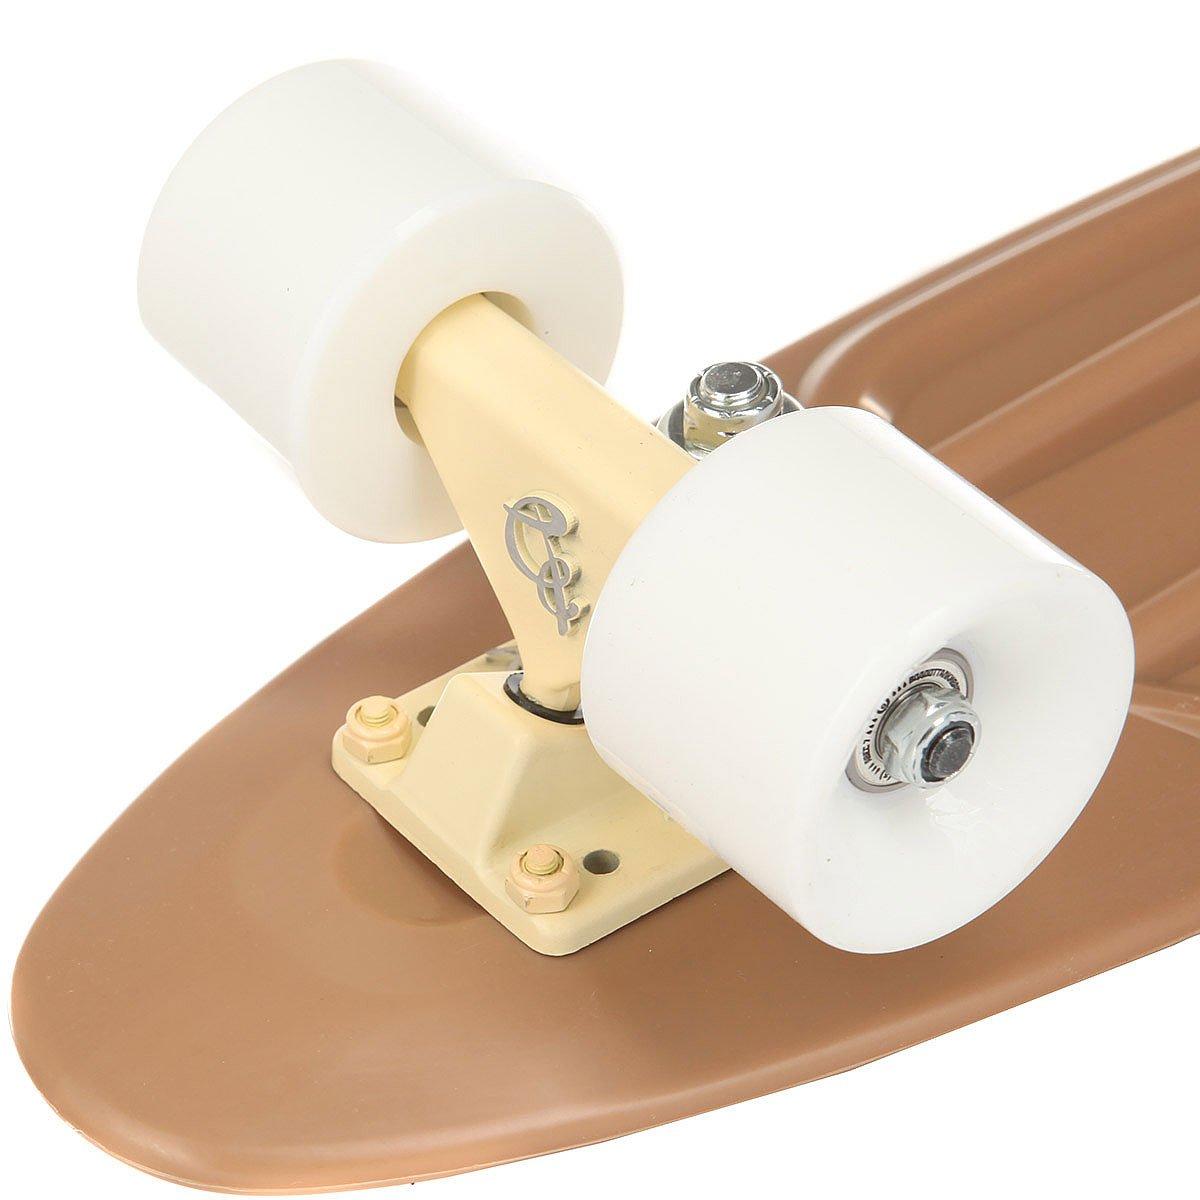 Скейт мини круизер Пластборд Cappuccino Brown  6 x 22.5 (57 см)